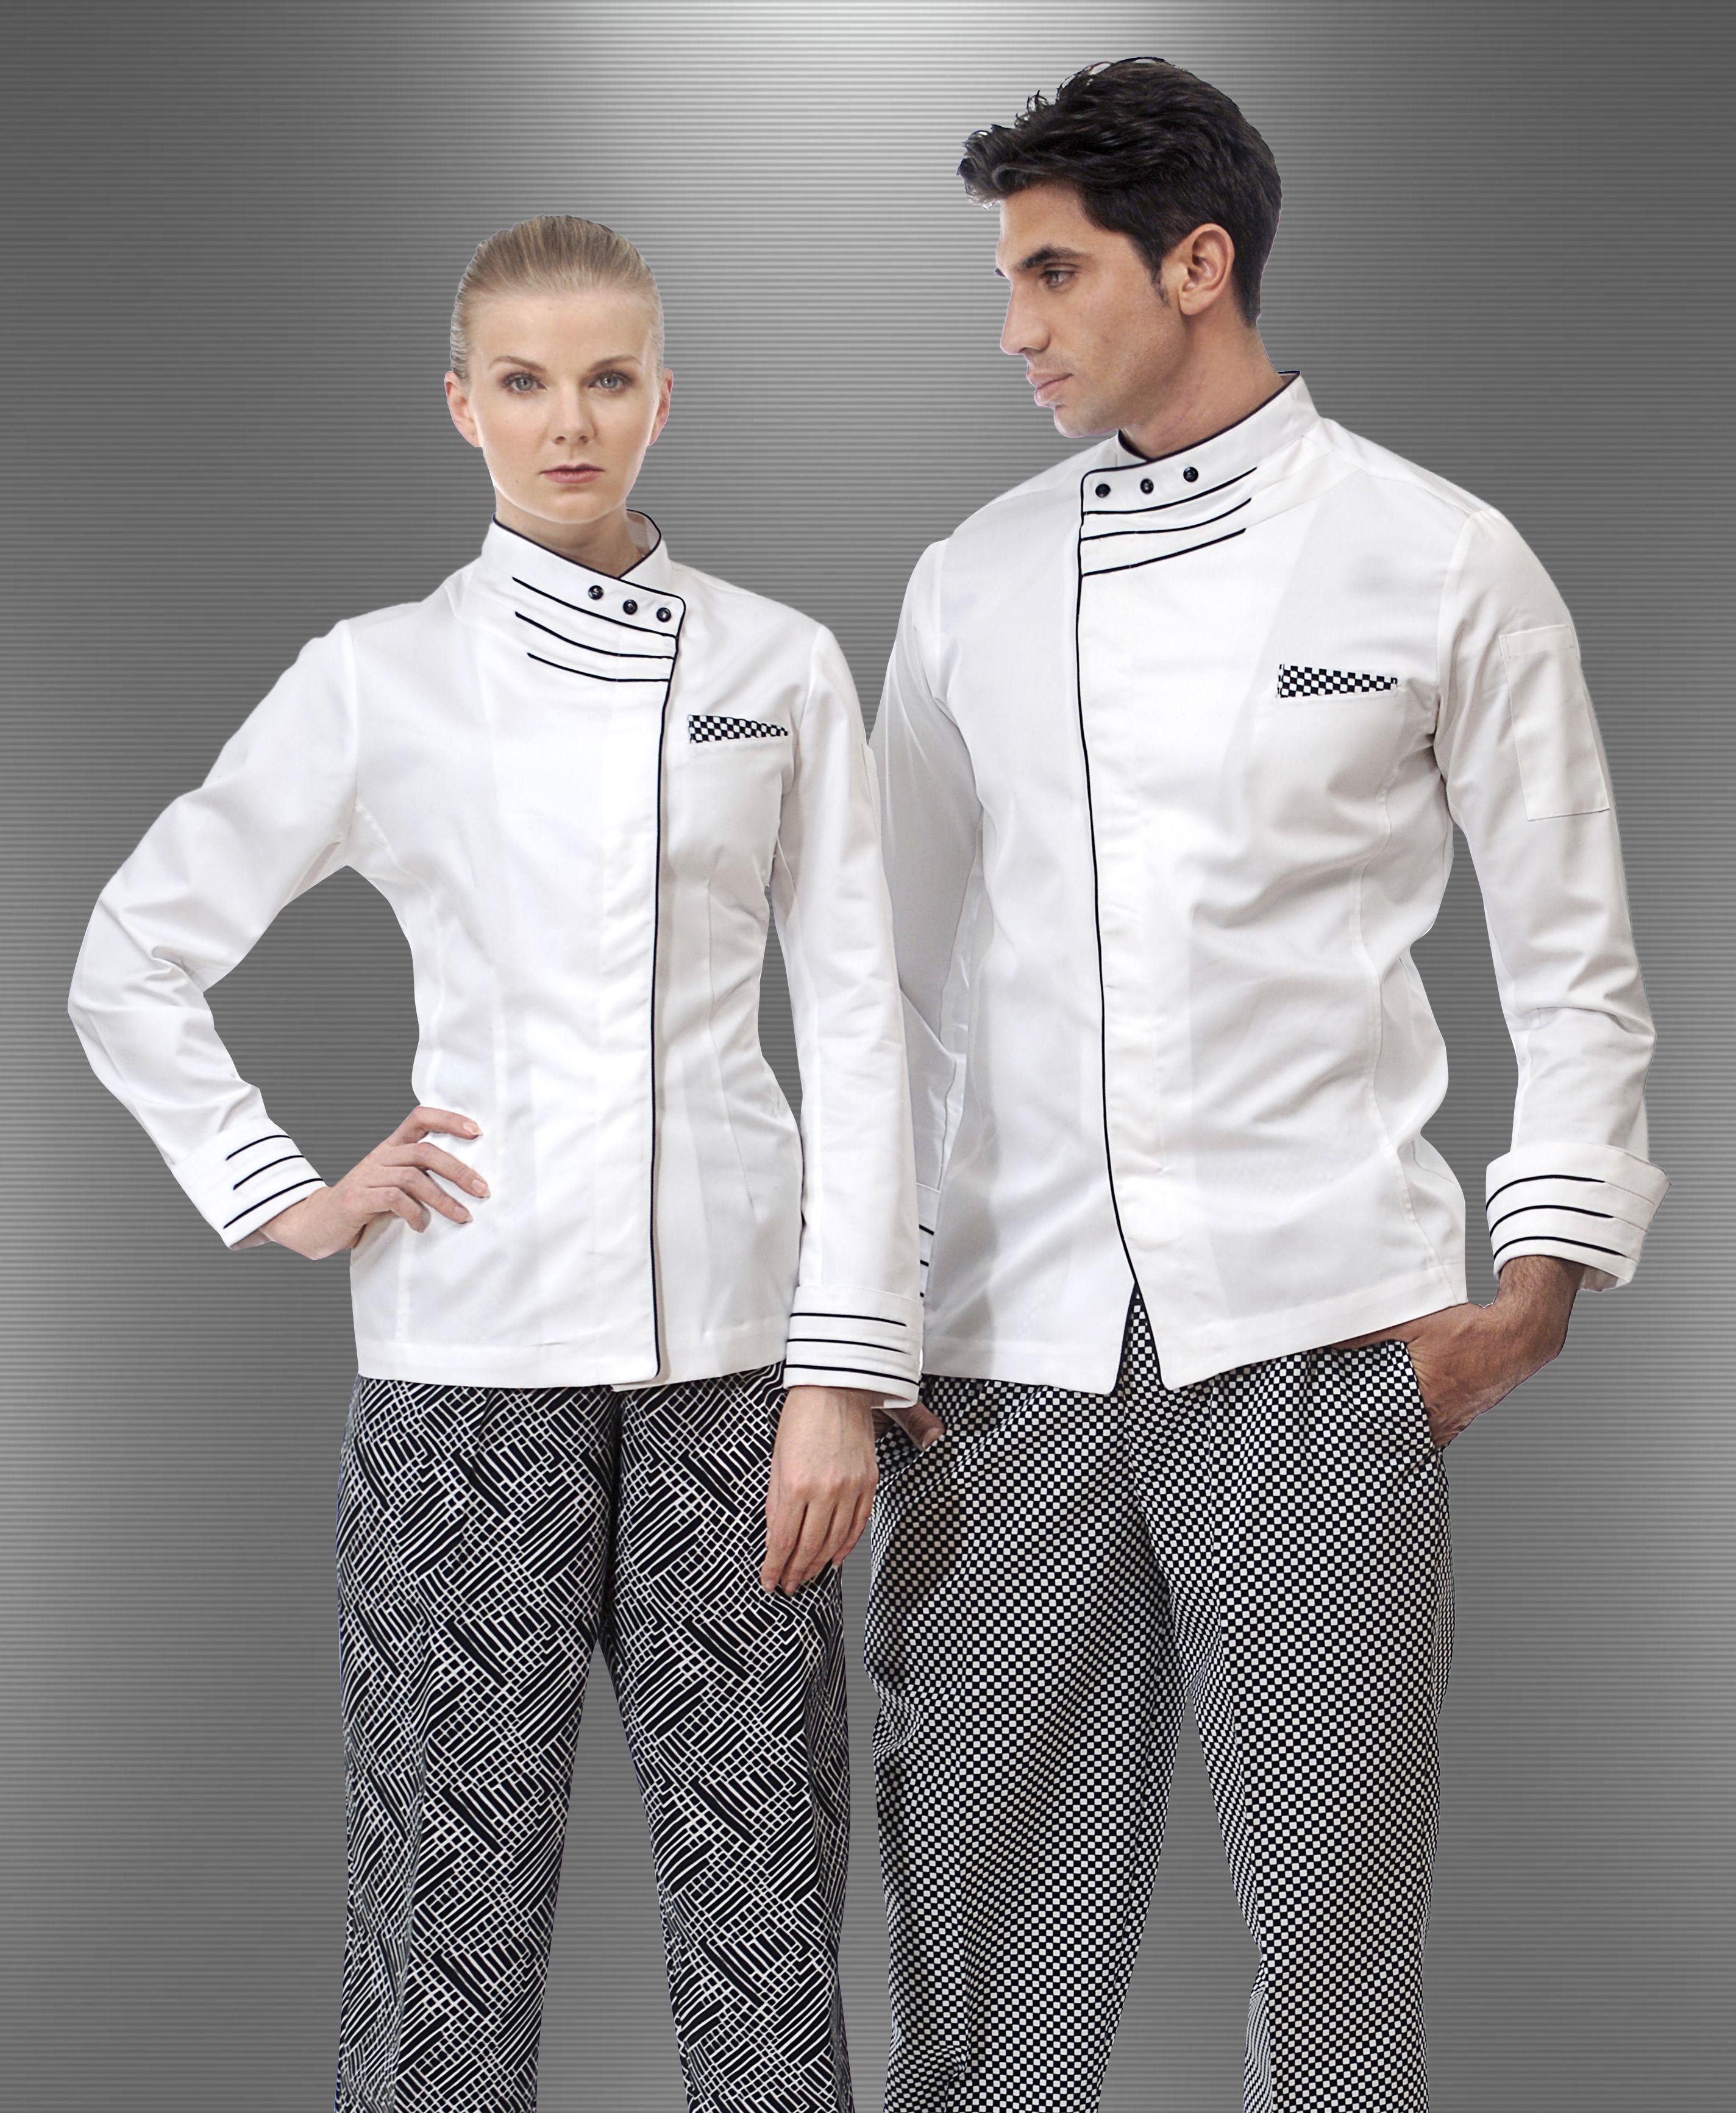 Resultado de imagen para uniformes para steward uniformes - Uniformes de cocina ...